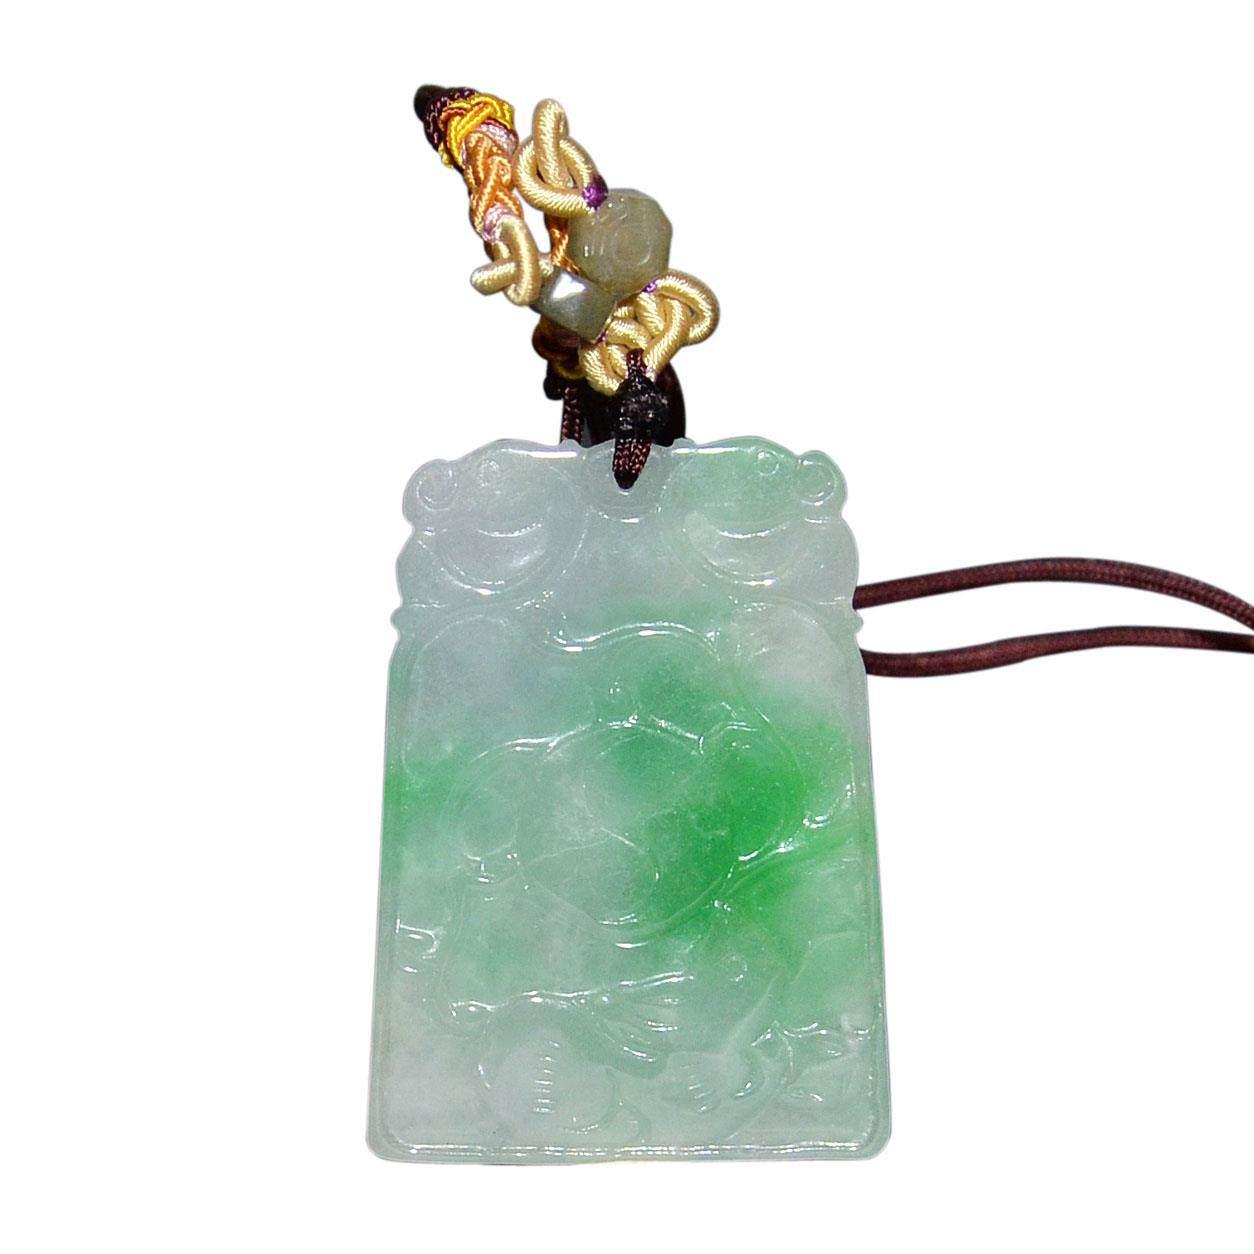 翡翠紫罗兰双面平雕如意方形玉佩 a jadeite lavender ruyi pendant